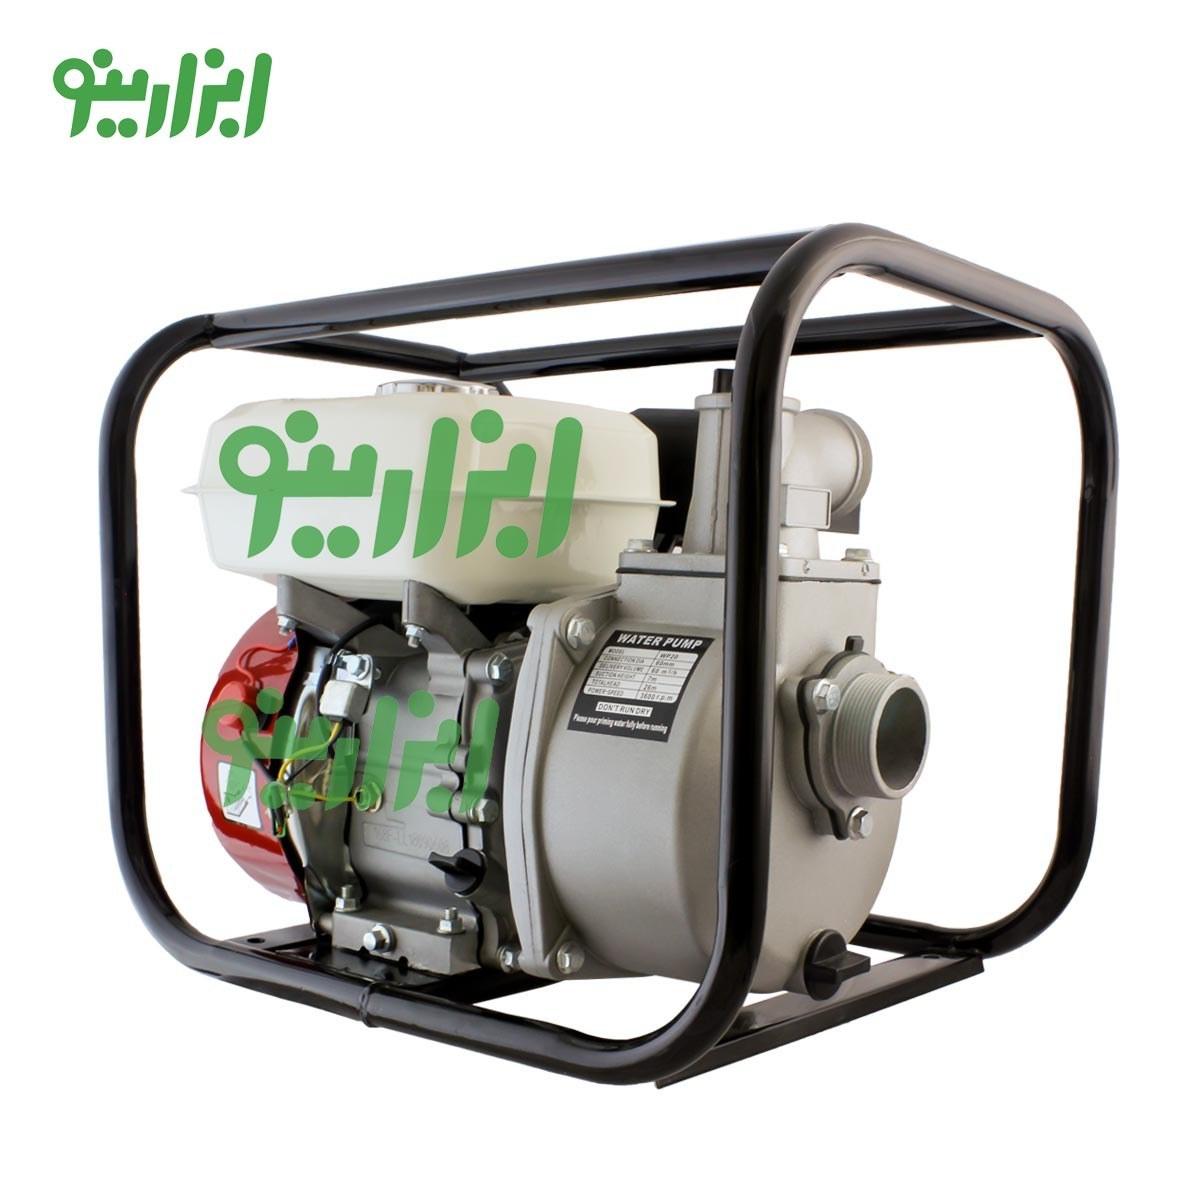 تصویر موتور پمپ آب بنزینی هوندا